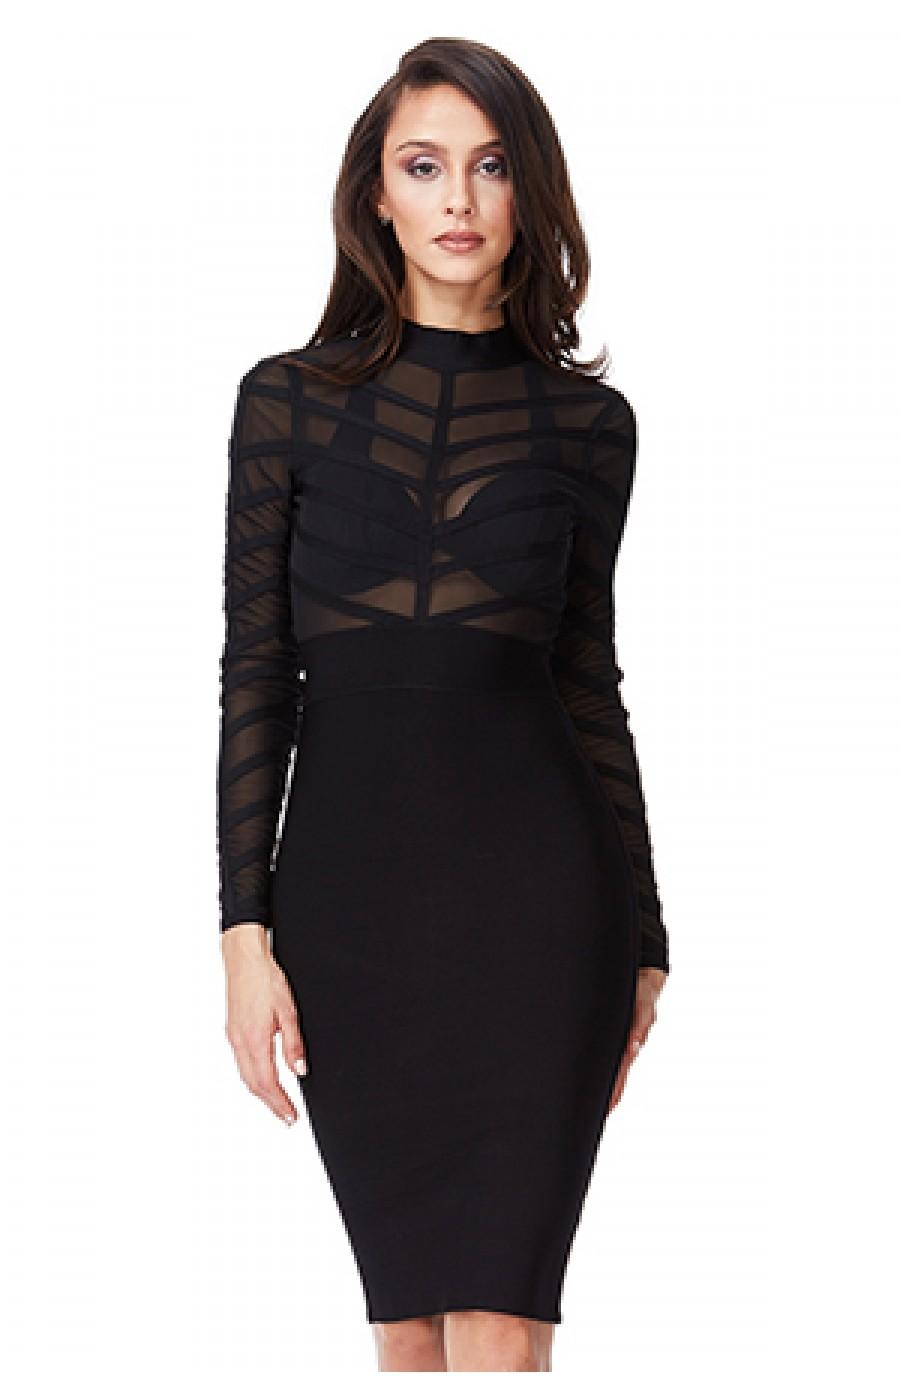 Μαύρο λαστιχωτό φόρεμα με διαφάνειες cd23865c24d